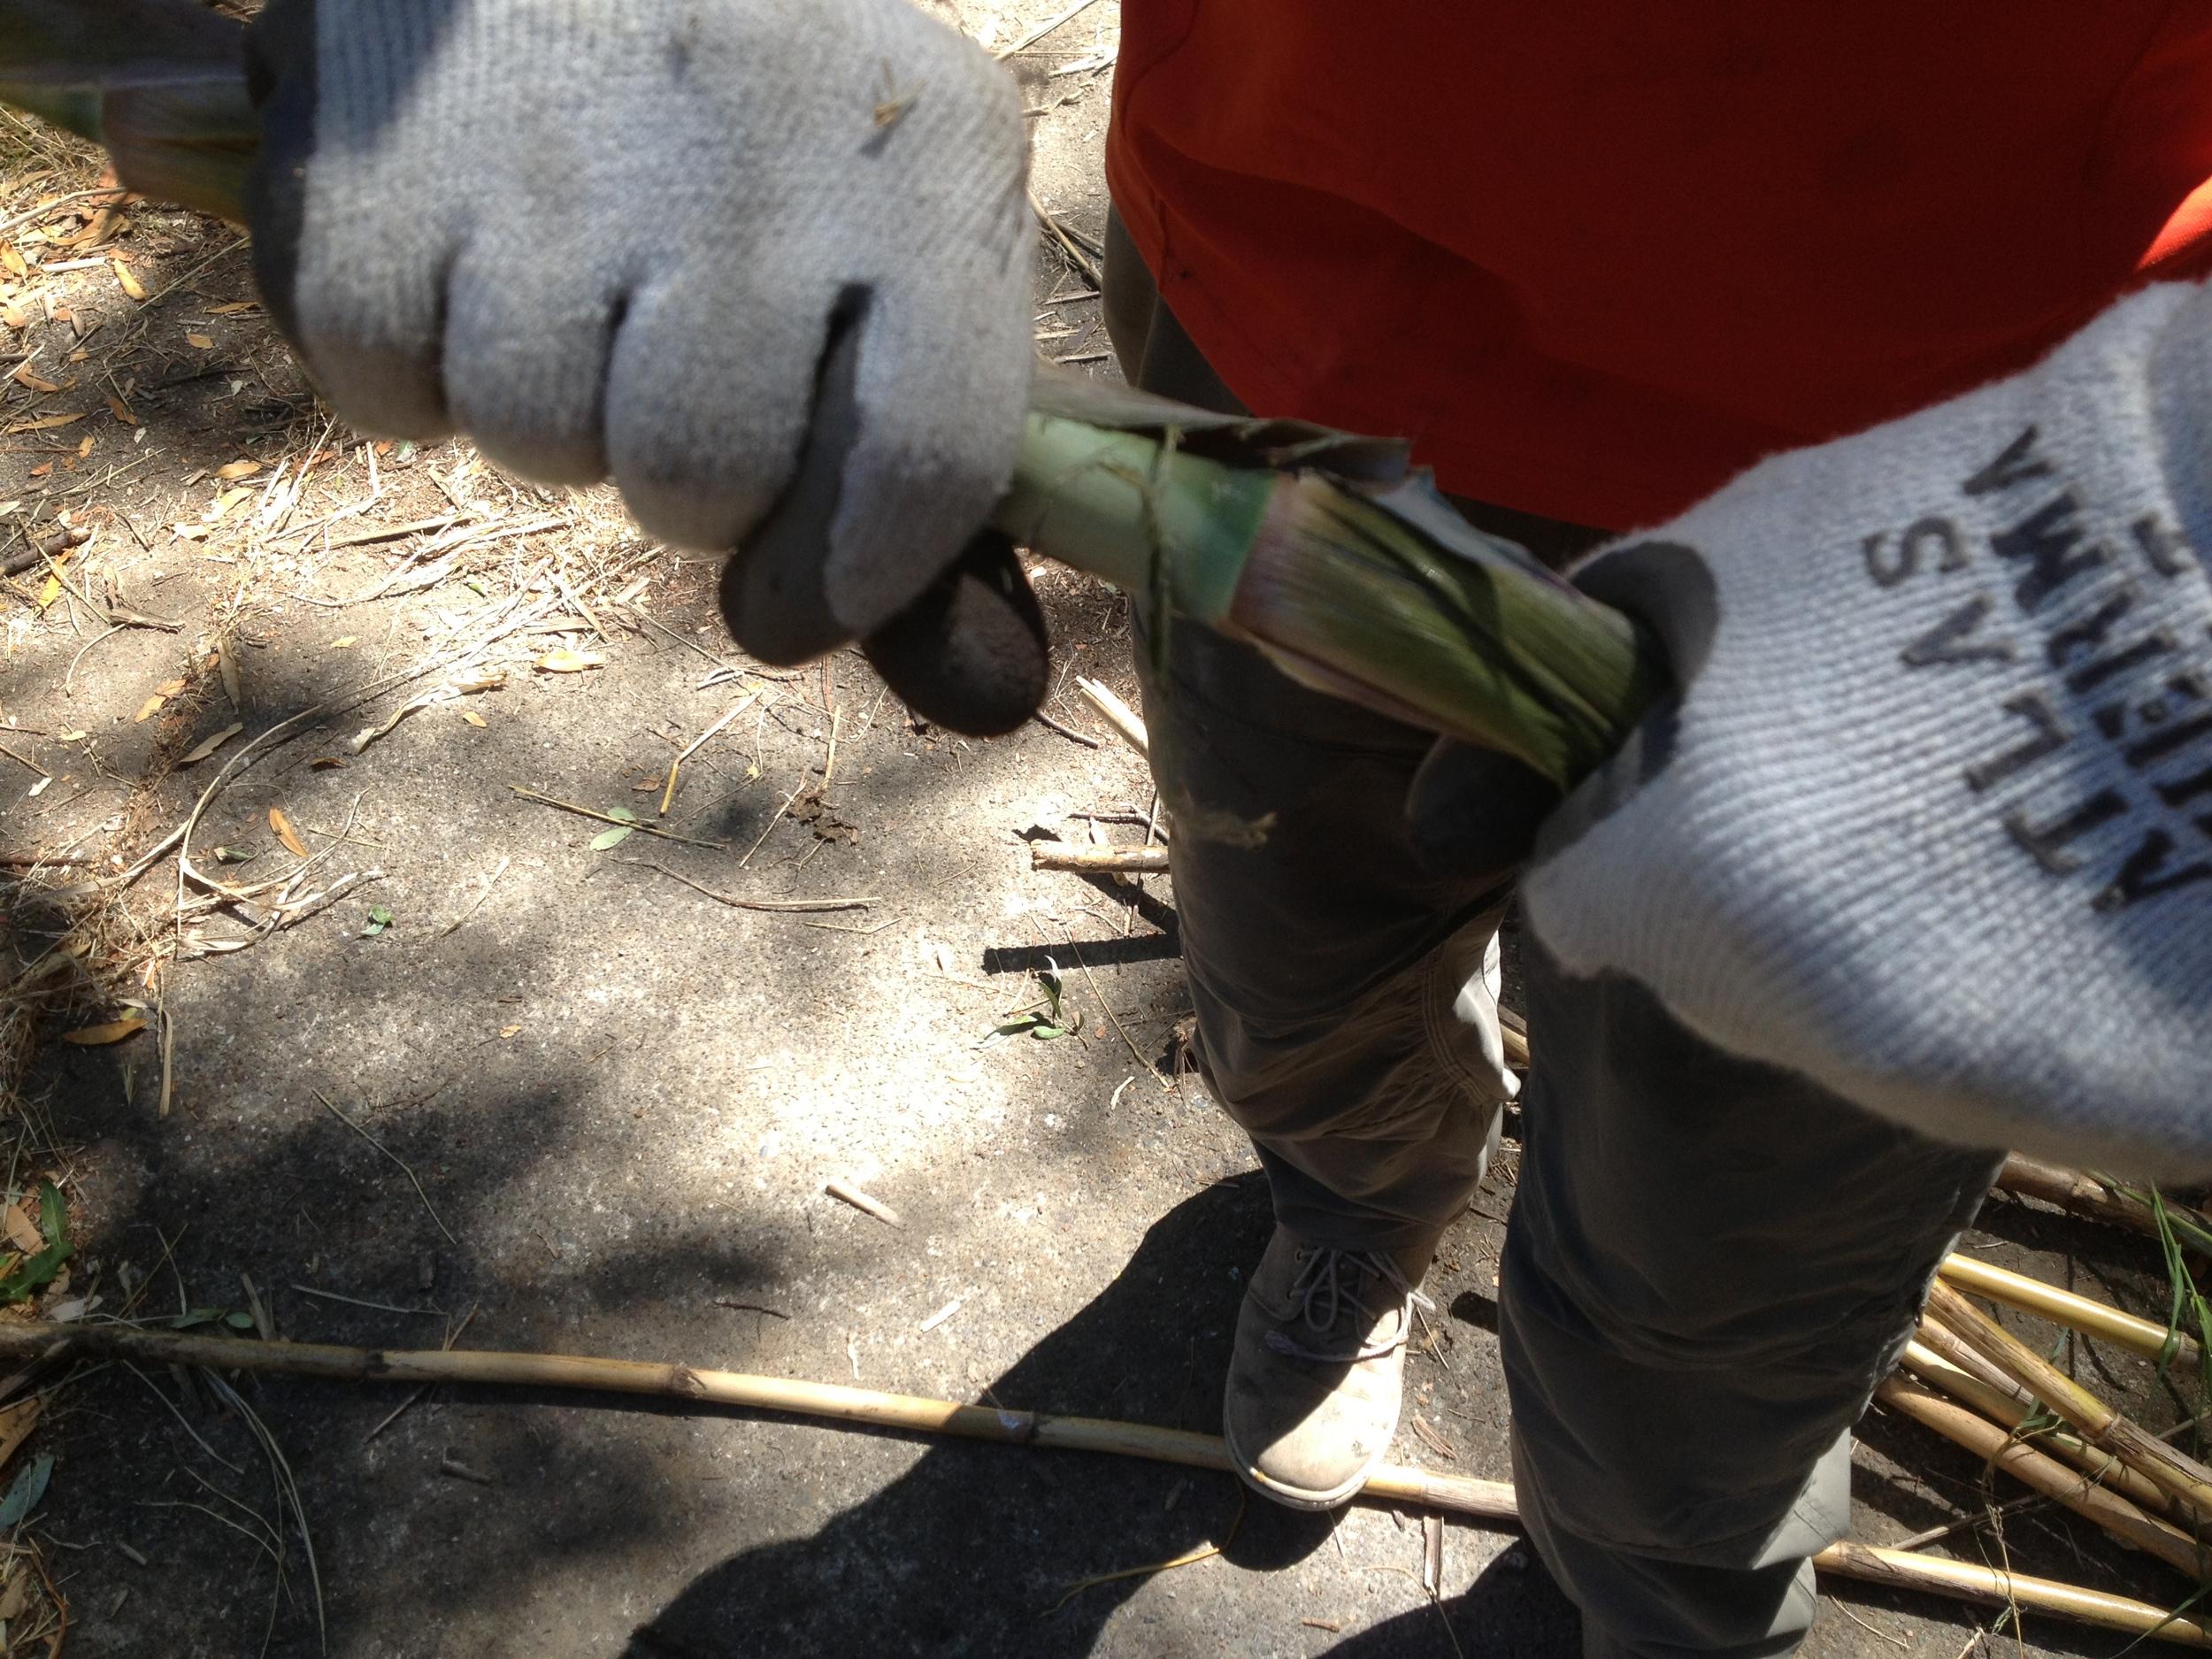 Twisting the sheath off of each stalk of Arundo.